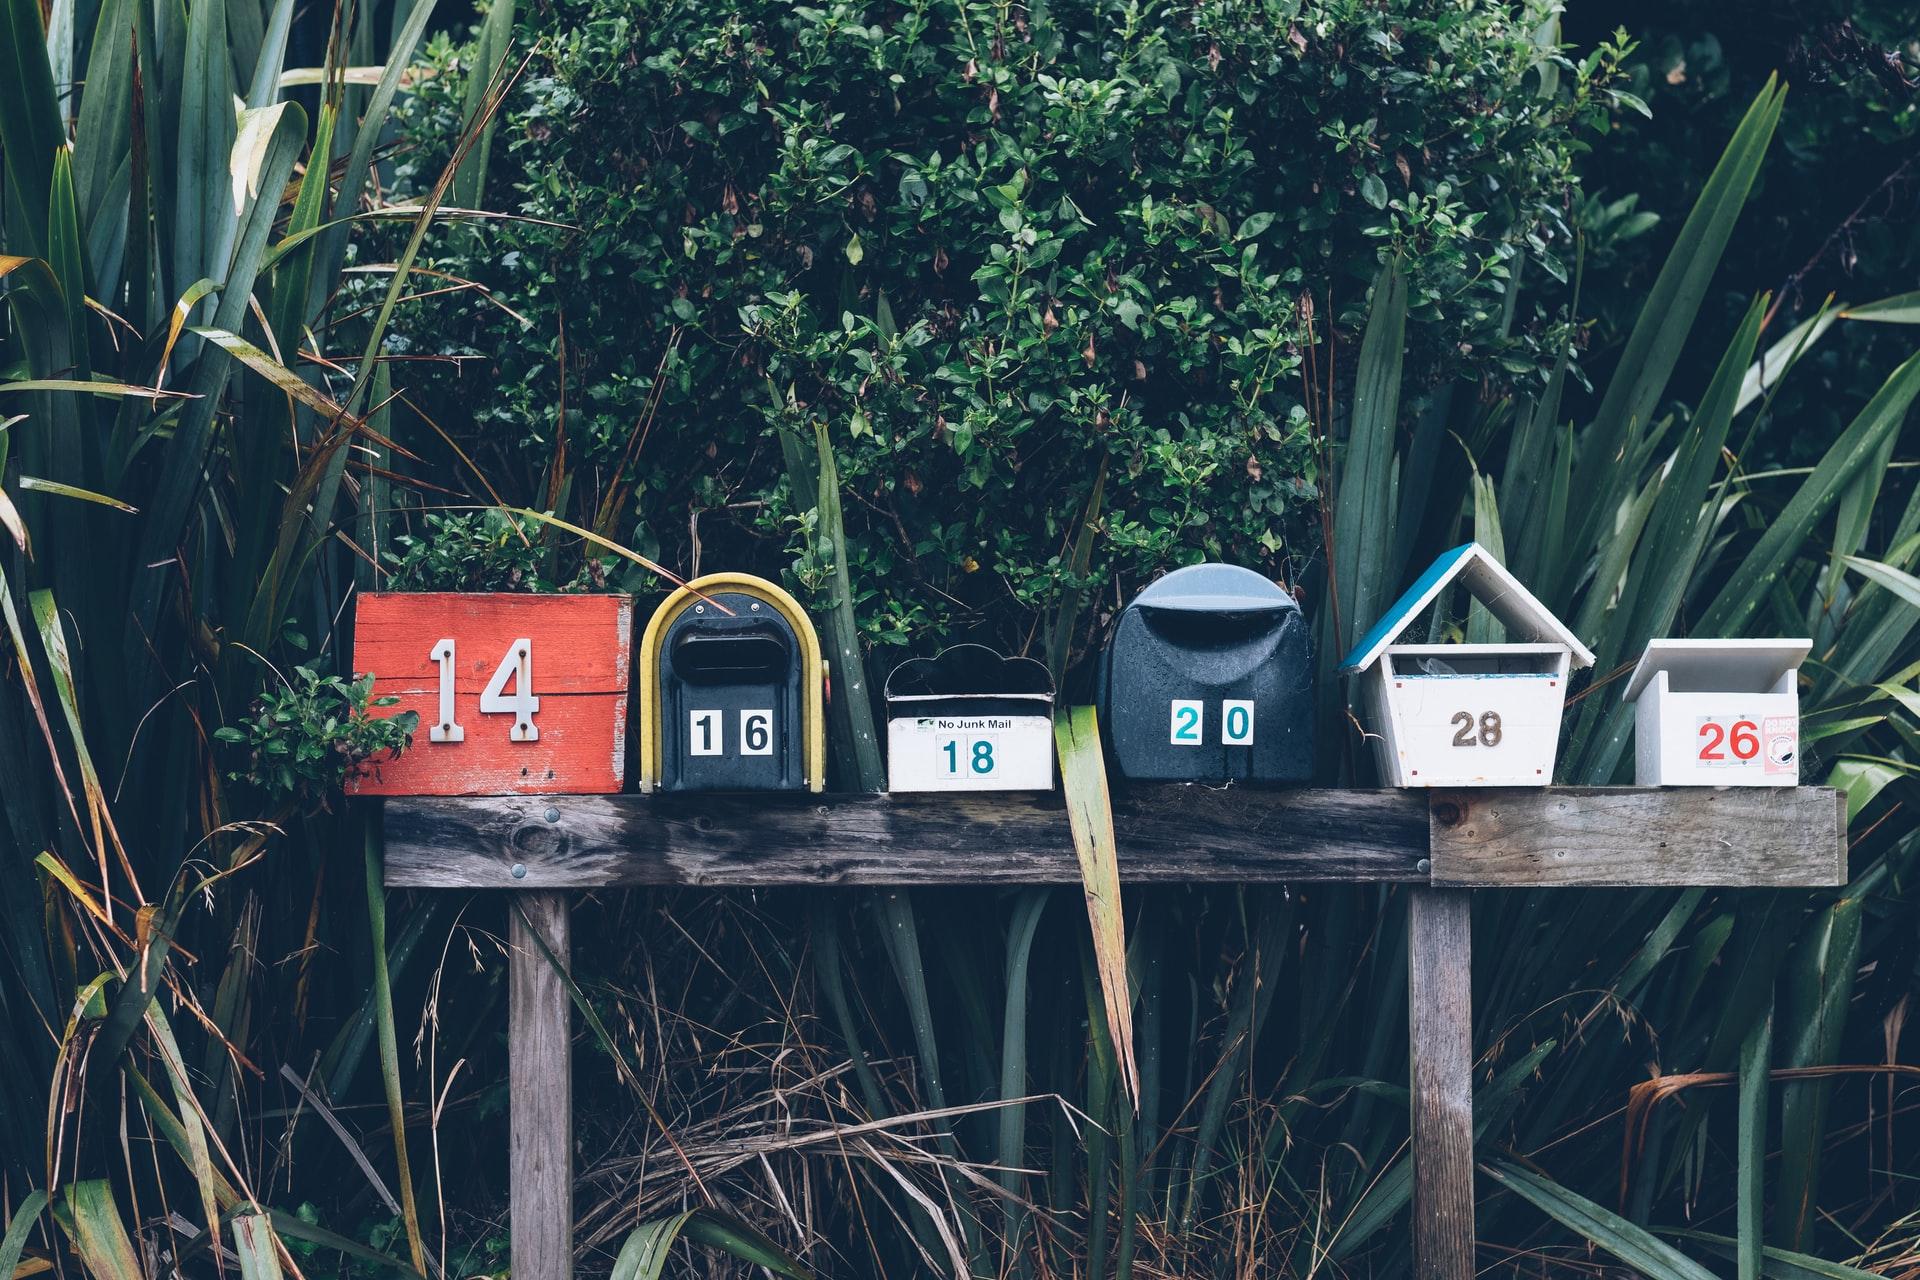 Várias caixas de correio